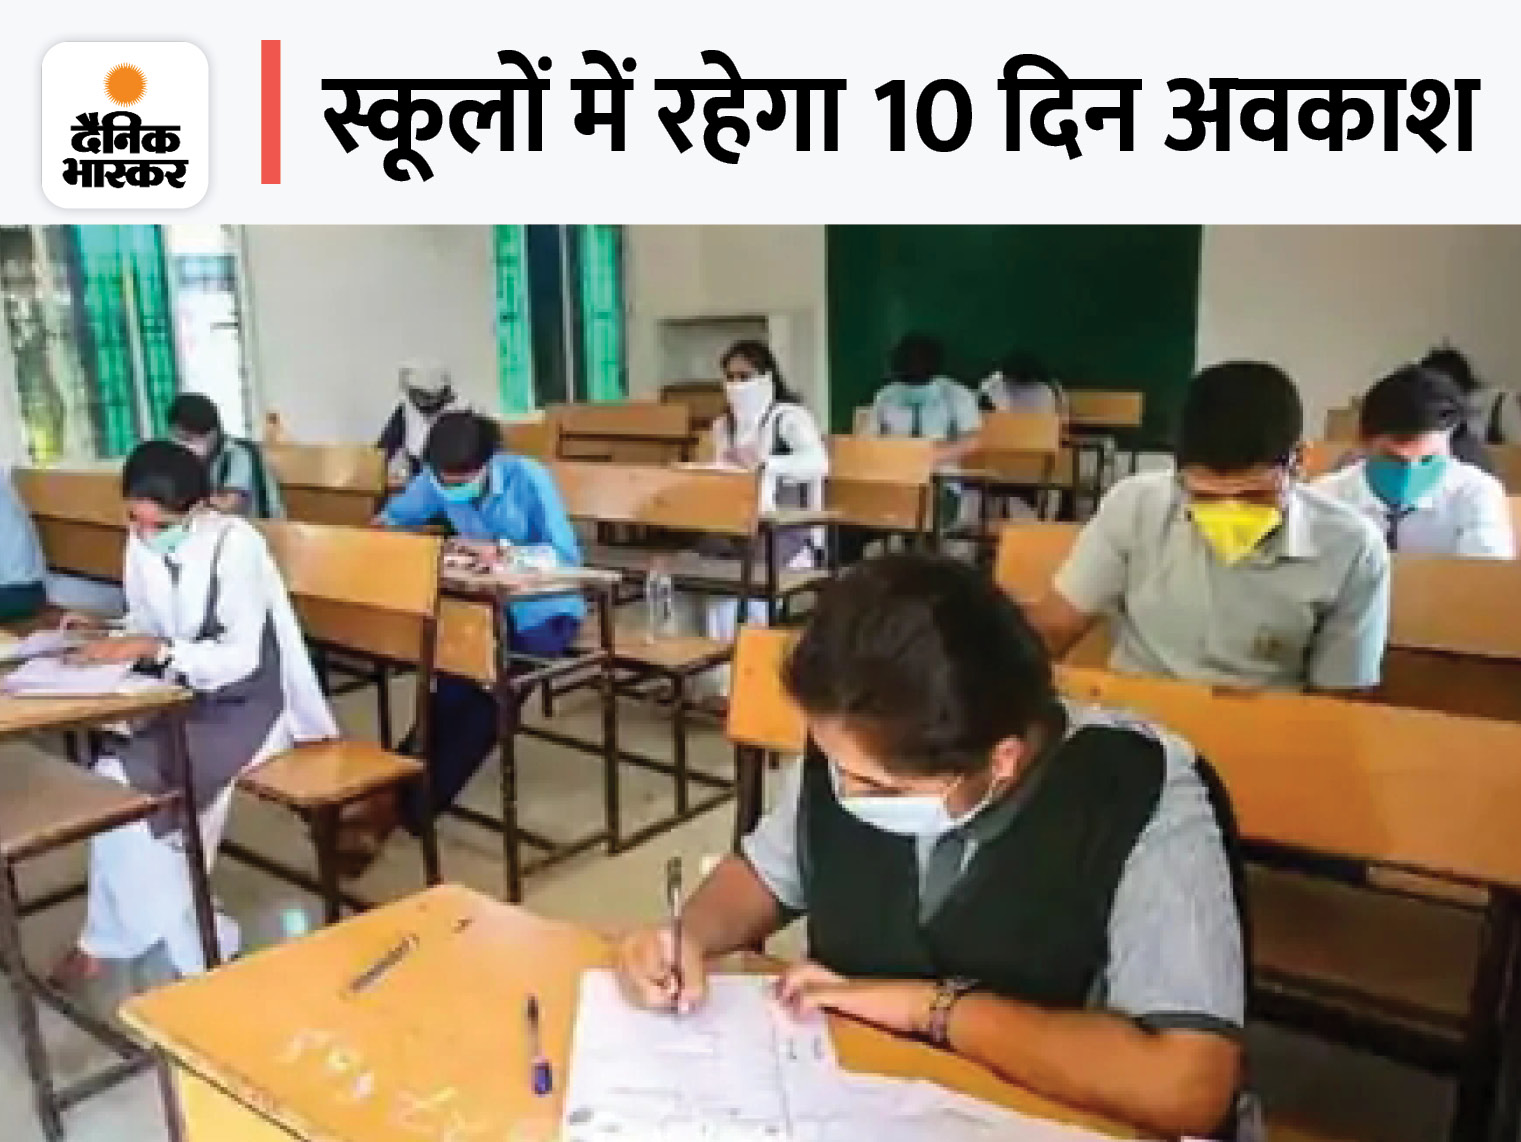 दिवाली पर स्कूलों में 29 अक्टूबर से 7 नवंबर तक रहेंगी छुट्टियां, शिक्षकों के विरोध के बाद बदला फैसला|जयपुर,Jaipur - Dainik Bhaskar